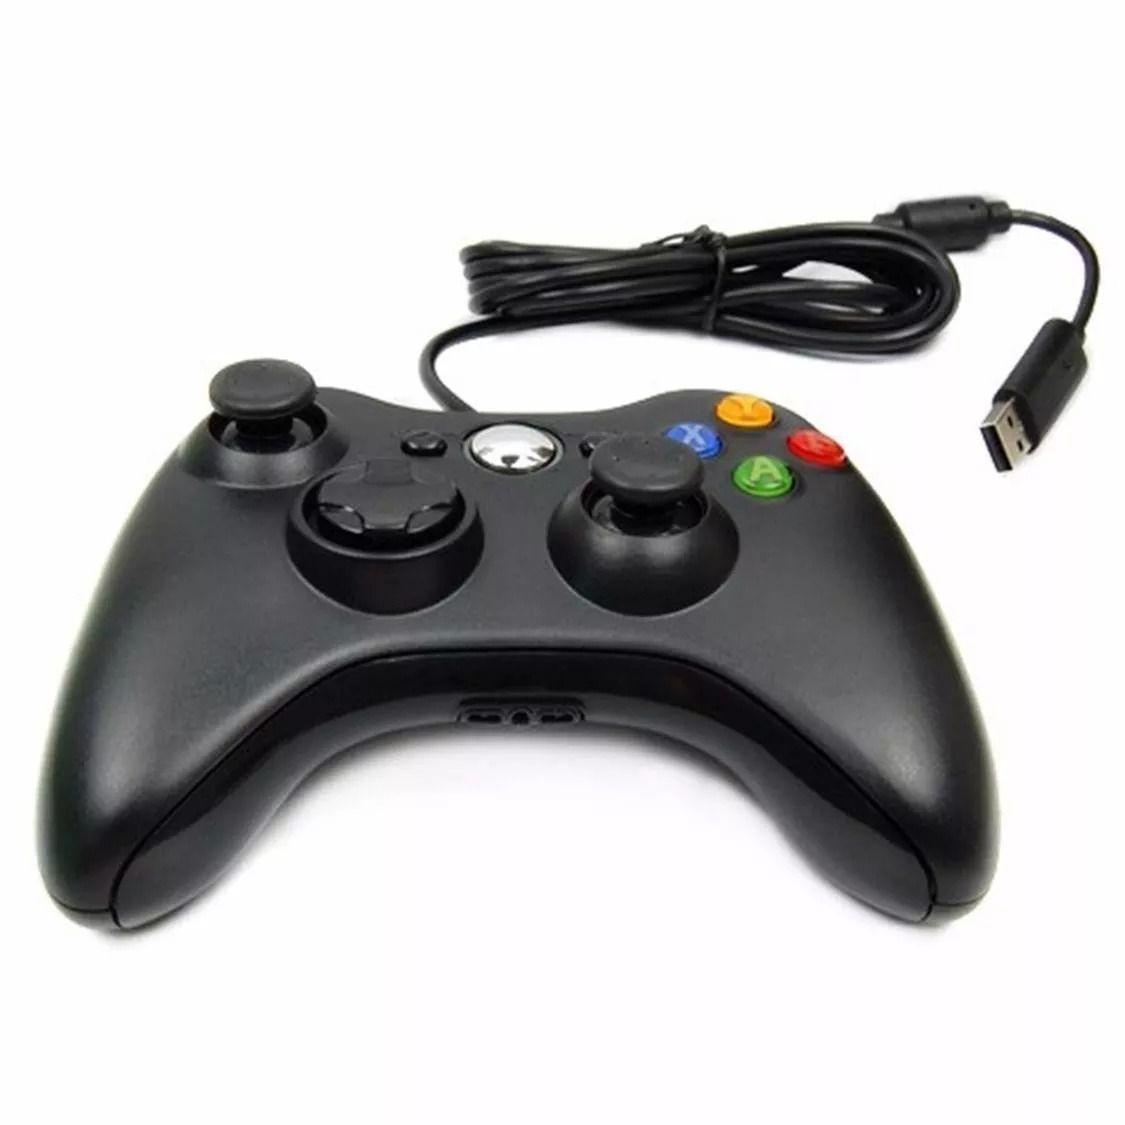 Controle Com Fio Xbox 360 Pc Computador 2 metros Cabo USB X-box Notebook  - HARDFAST INFORMÁTICA